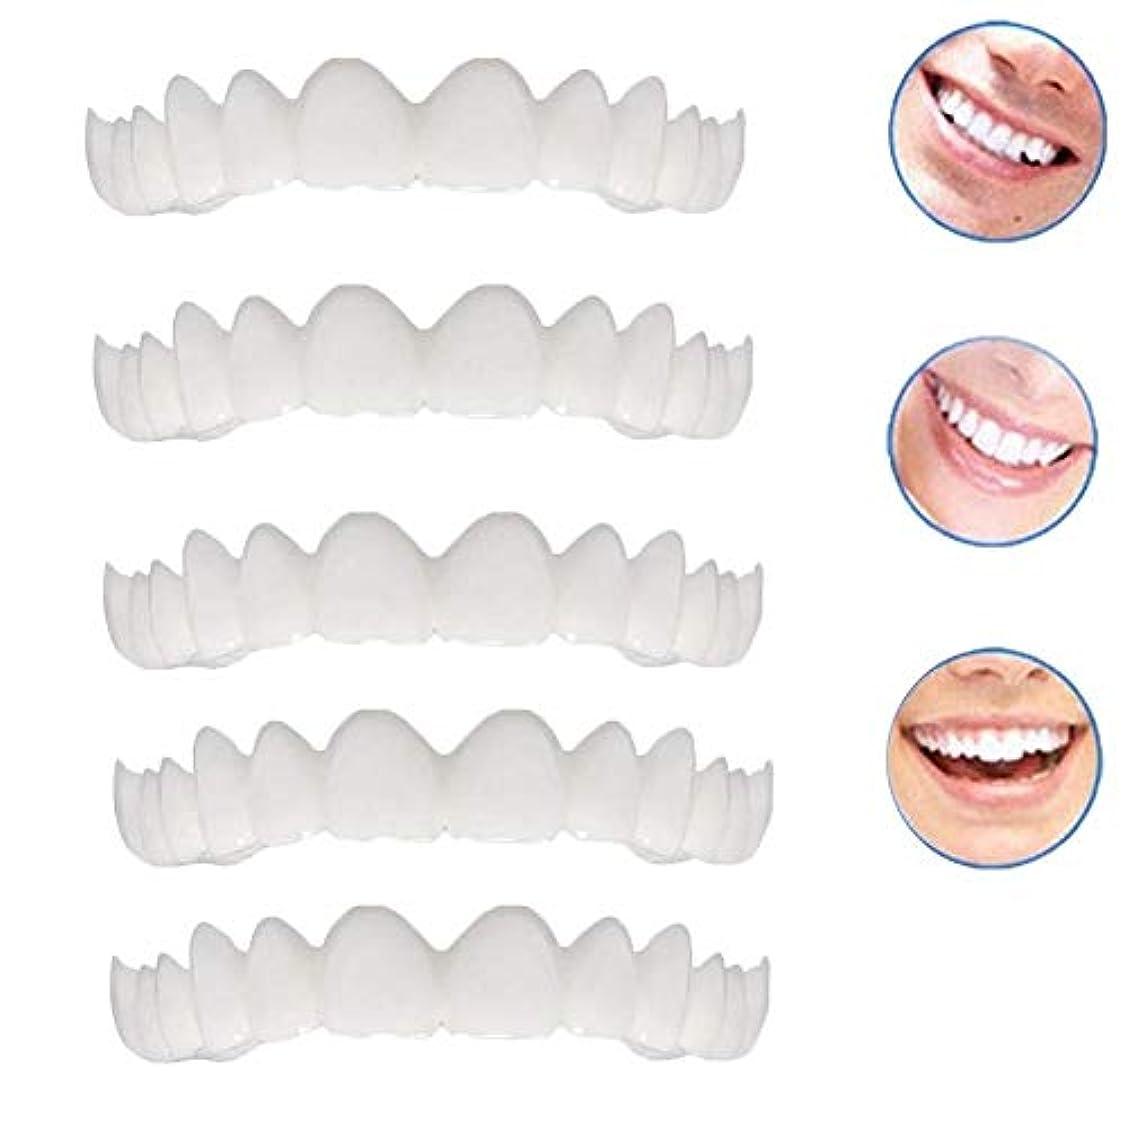 十分ですストラップ間違えた2本の偽のベニヤ修正歯のトップホワイトニング化粧品義歯修正のための悪い歯のための新しいプロの笑顔のベニヤ